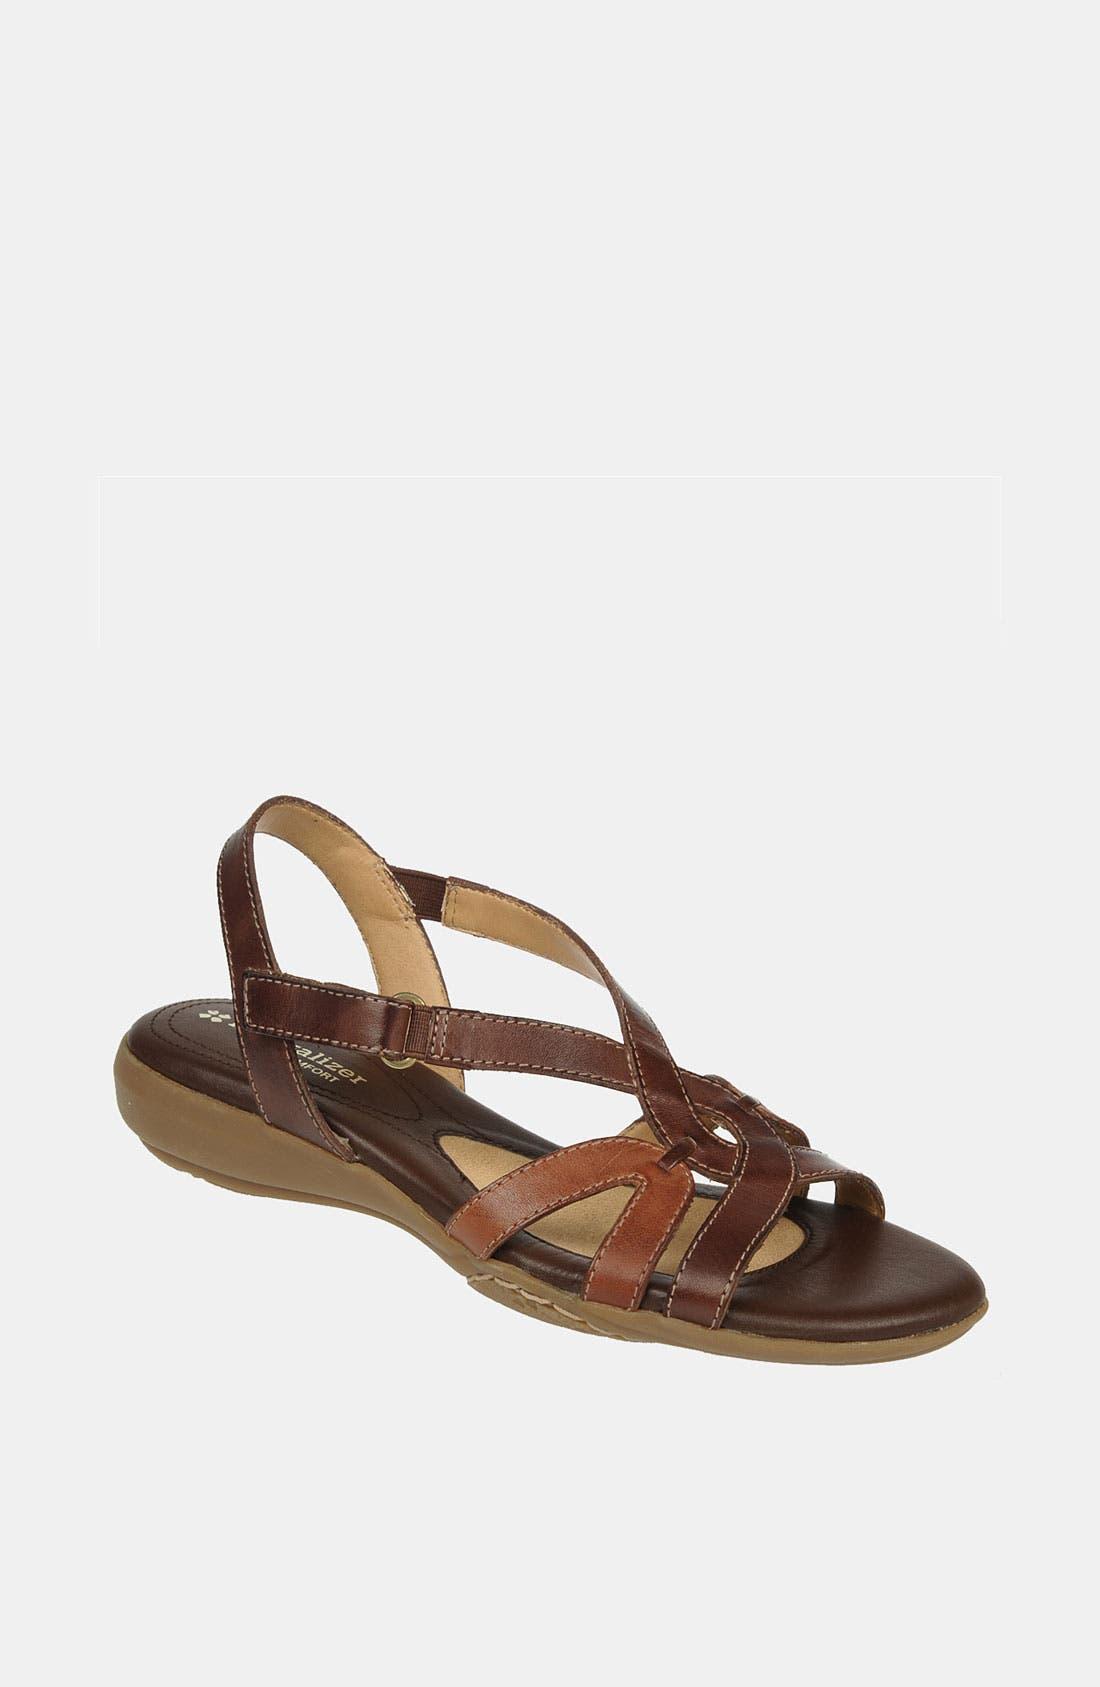 Main Image - Naturalizer 'Cooper' Sandal